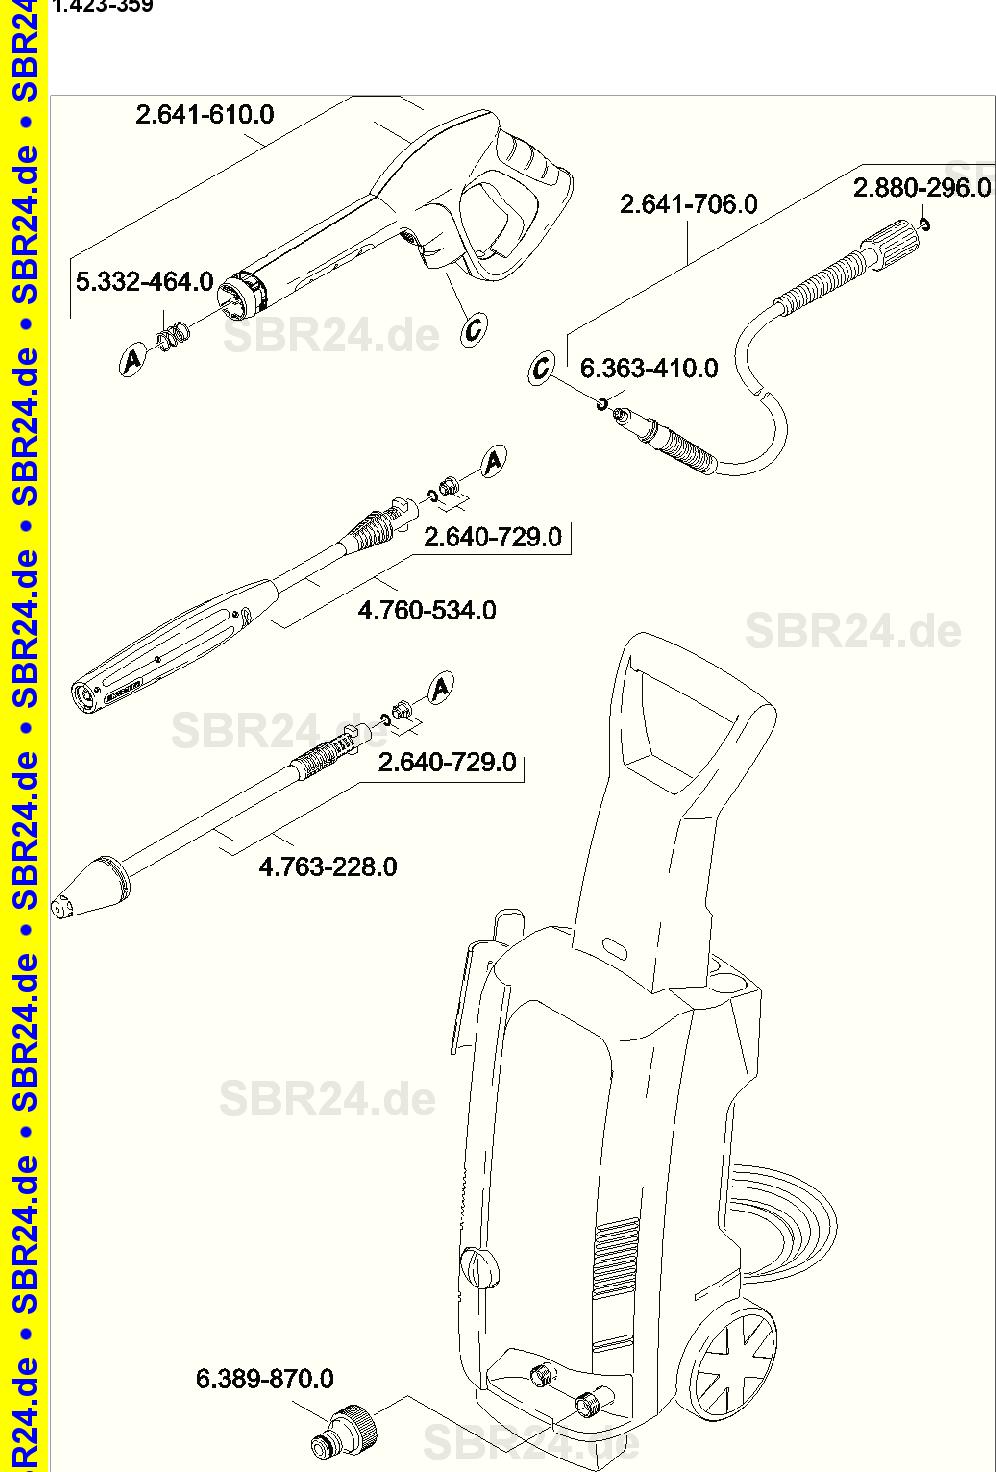 Kärcher Ersatzteile K 488m Pl T200 Eu 1423 3590